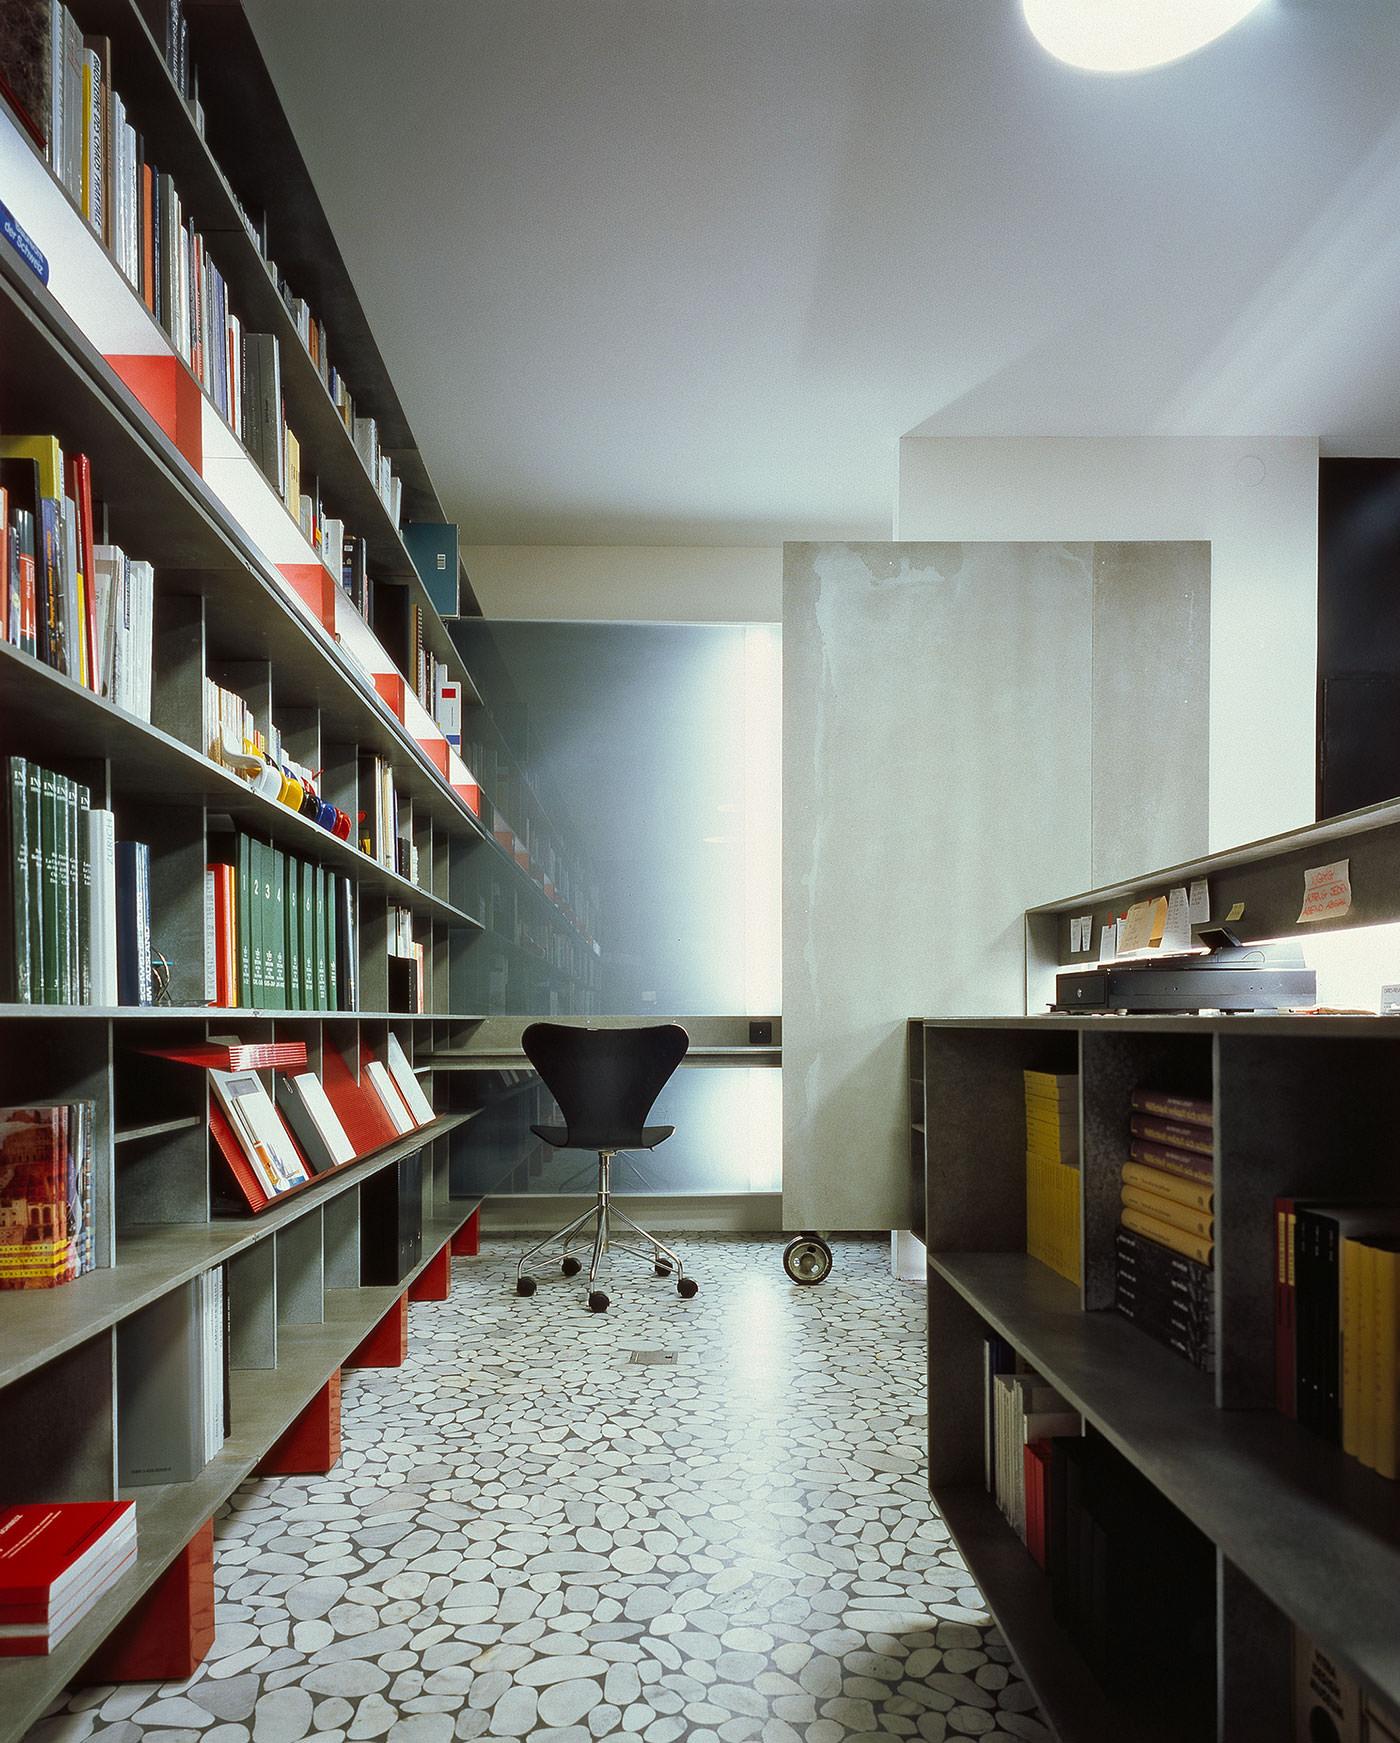 domushaus buchhandlung f r architektur und design basel. Black Bedroom Furniture Sets. Home Design Ideas